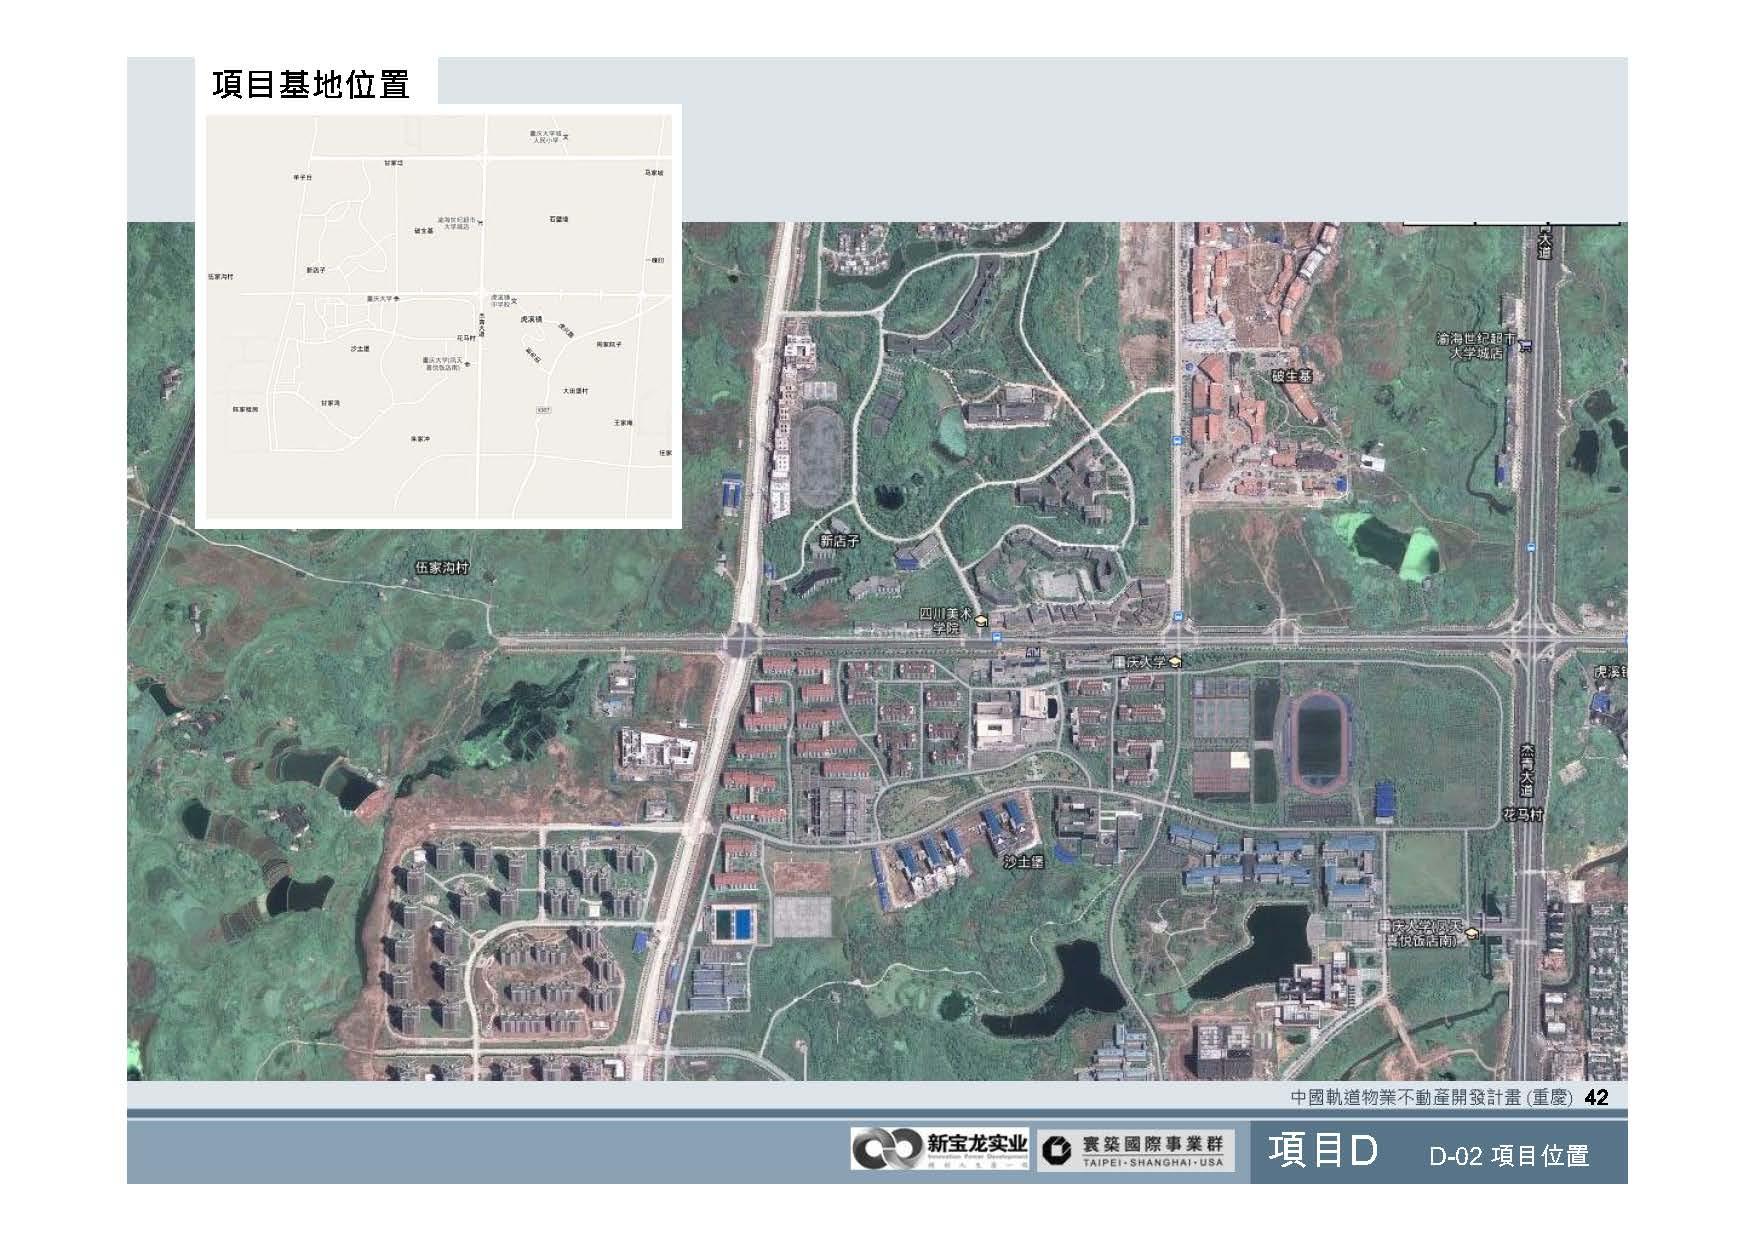 20100812-中國軌道物業不動產開發計畫(重慶)_頁面_43